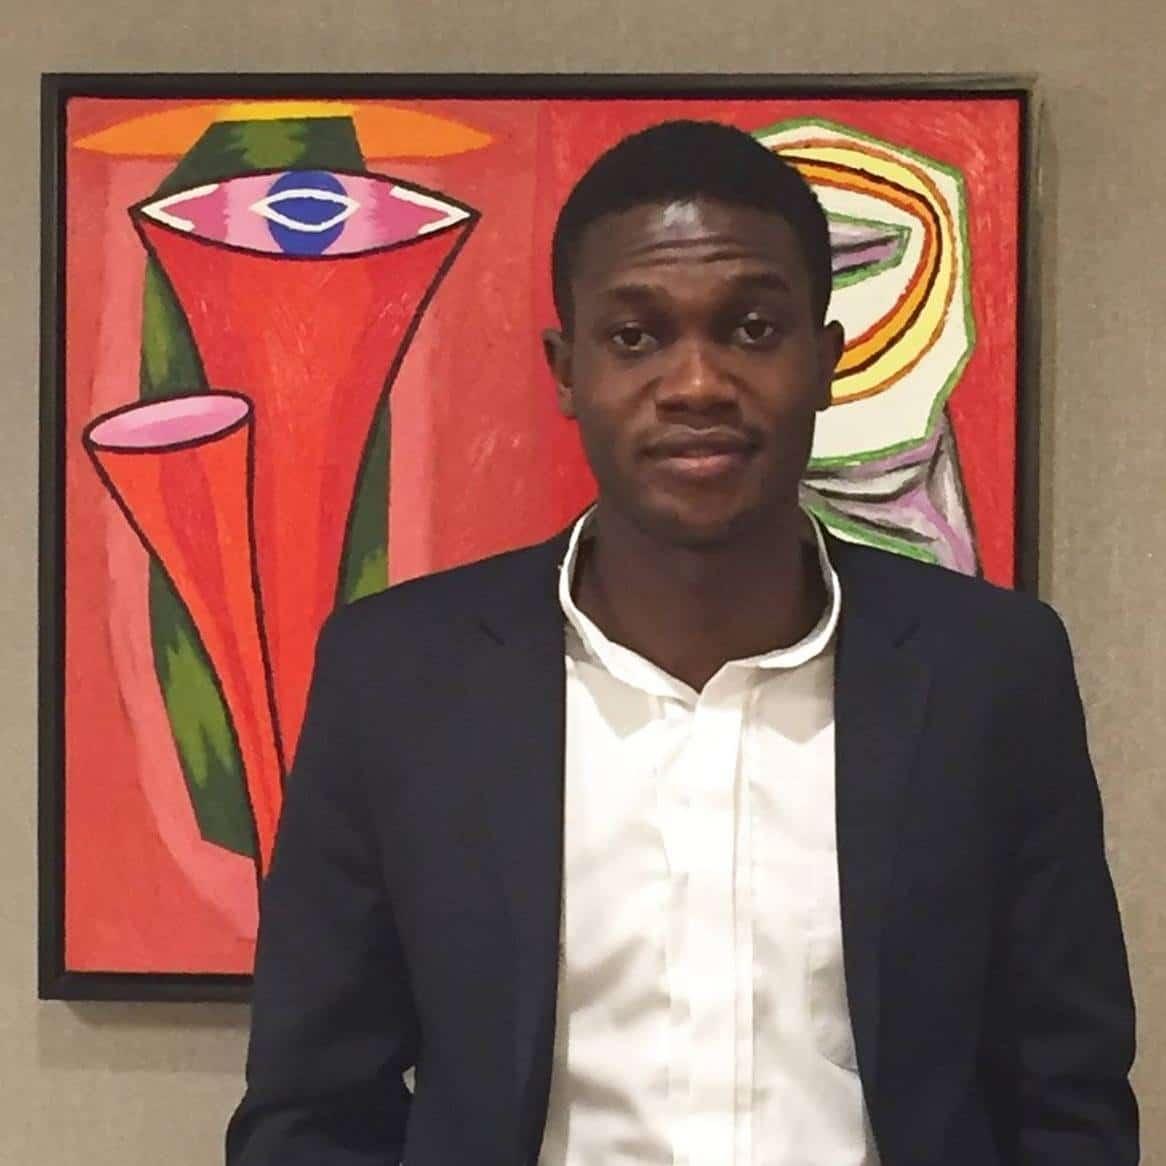 Alexander Asante